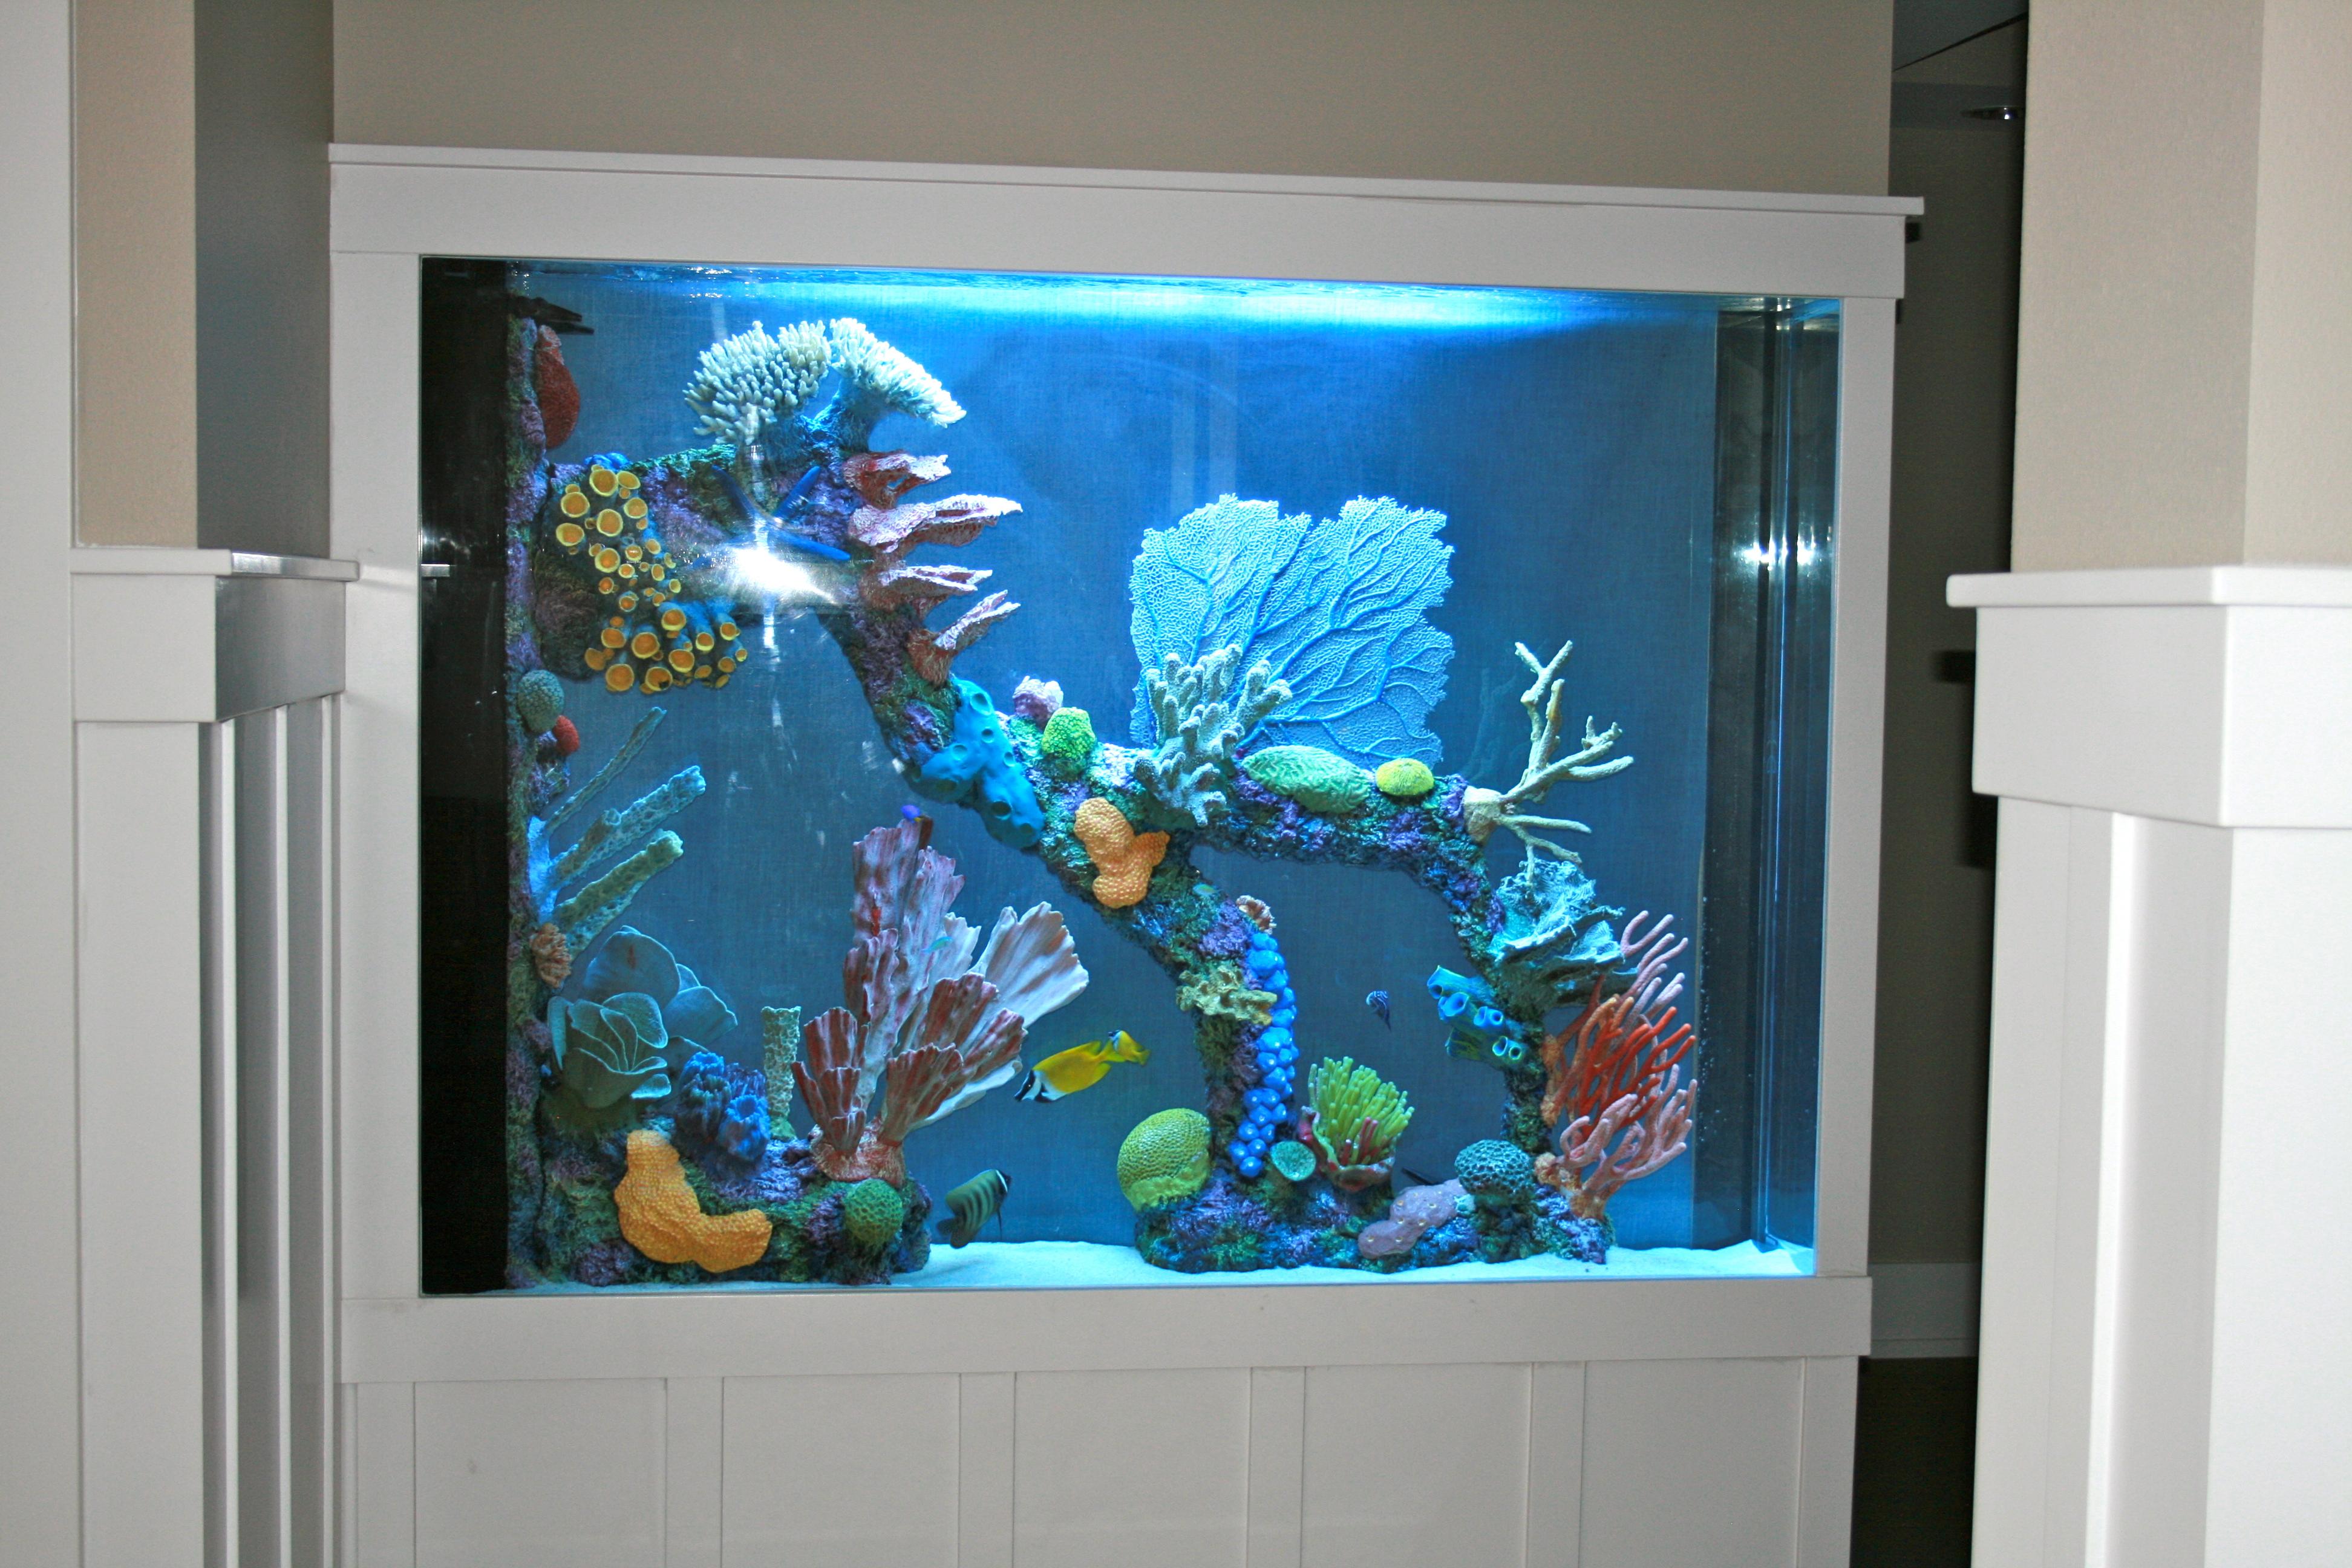 gallon marine aquarium room divider  faux reef aquarium maintenance las vegas